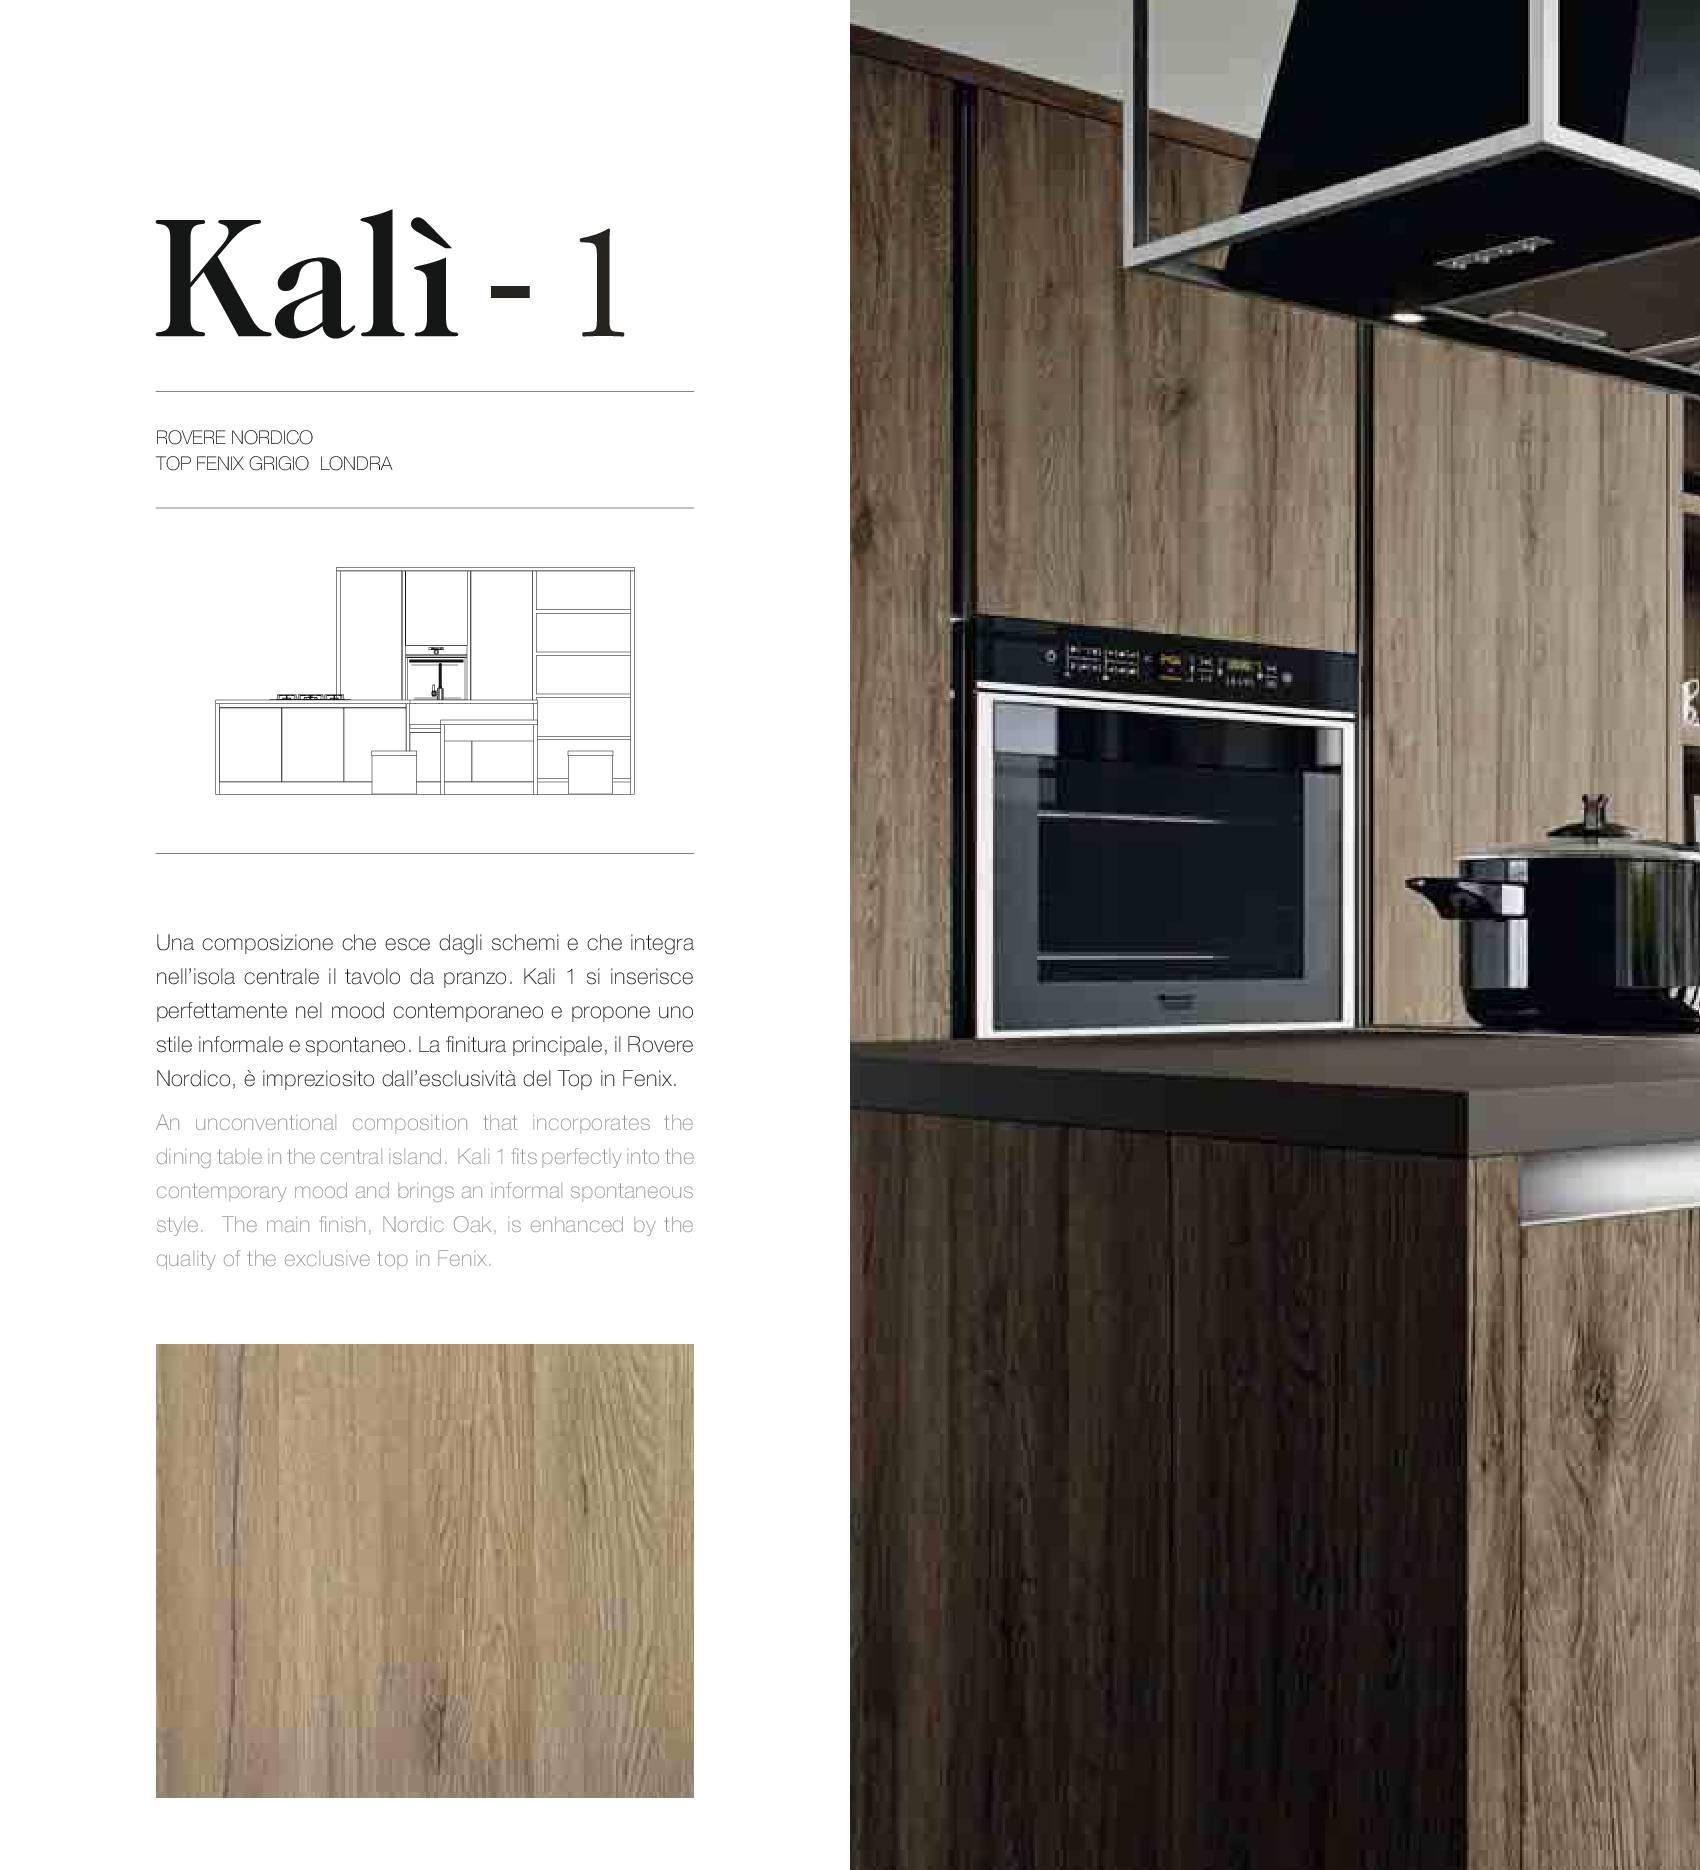 Cucina Kali Arredo3 Catalogo Sfogliabile Interattivo